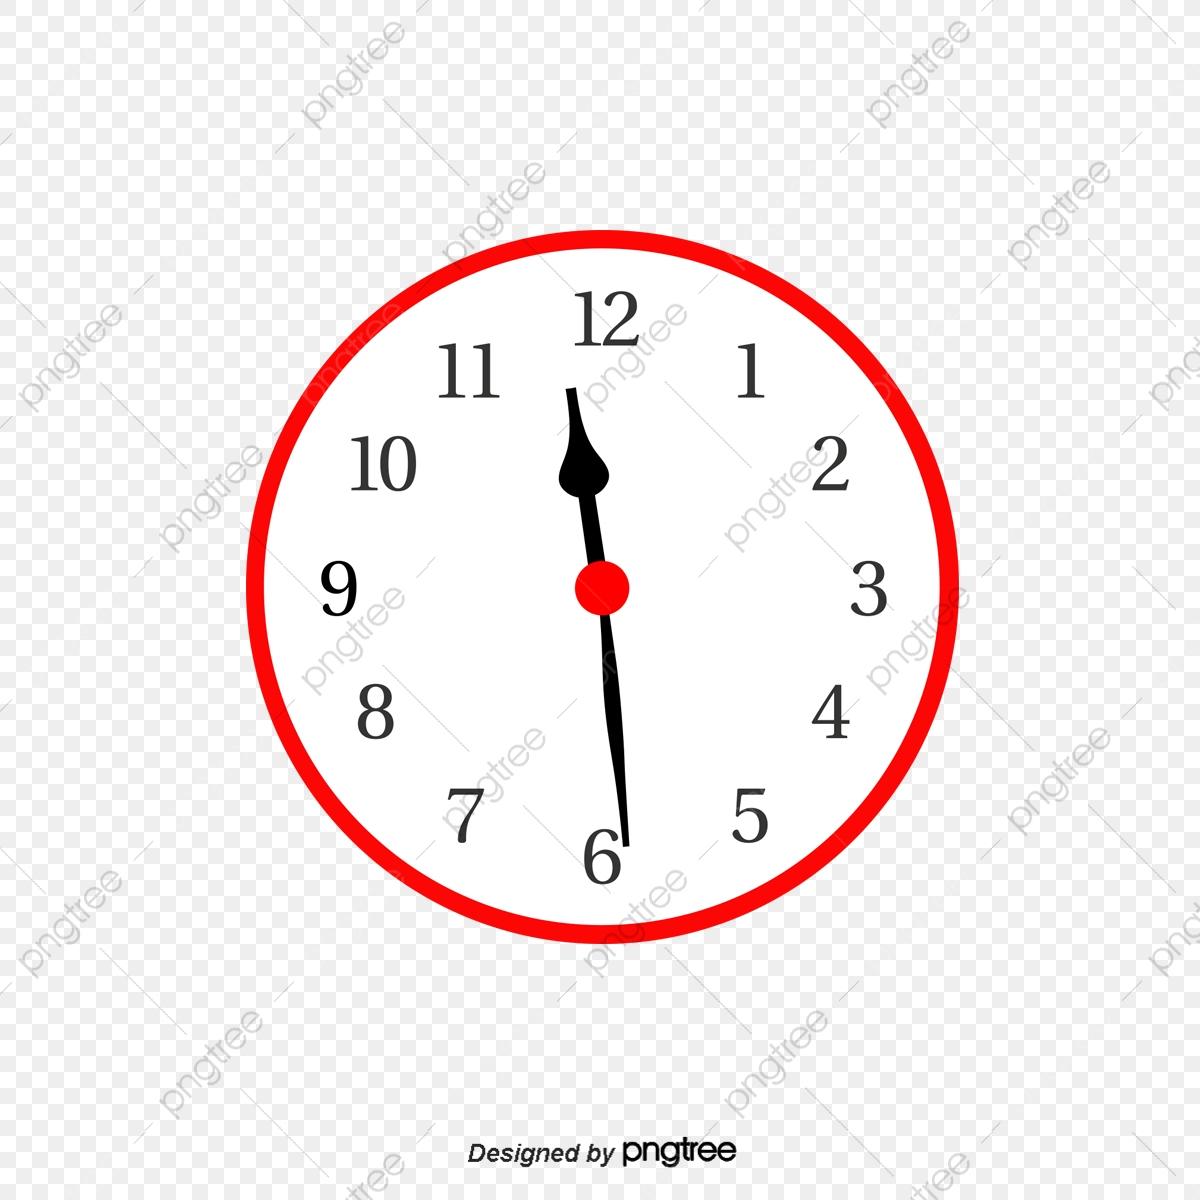 De Dessin Vectoriel D'horloge, Horloge, Le Dessin De L dedans Dessin D Horloge